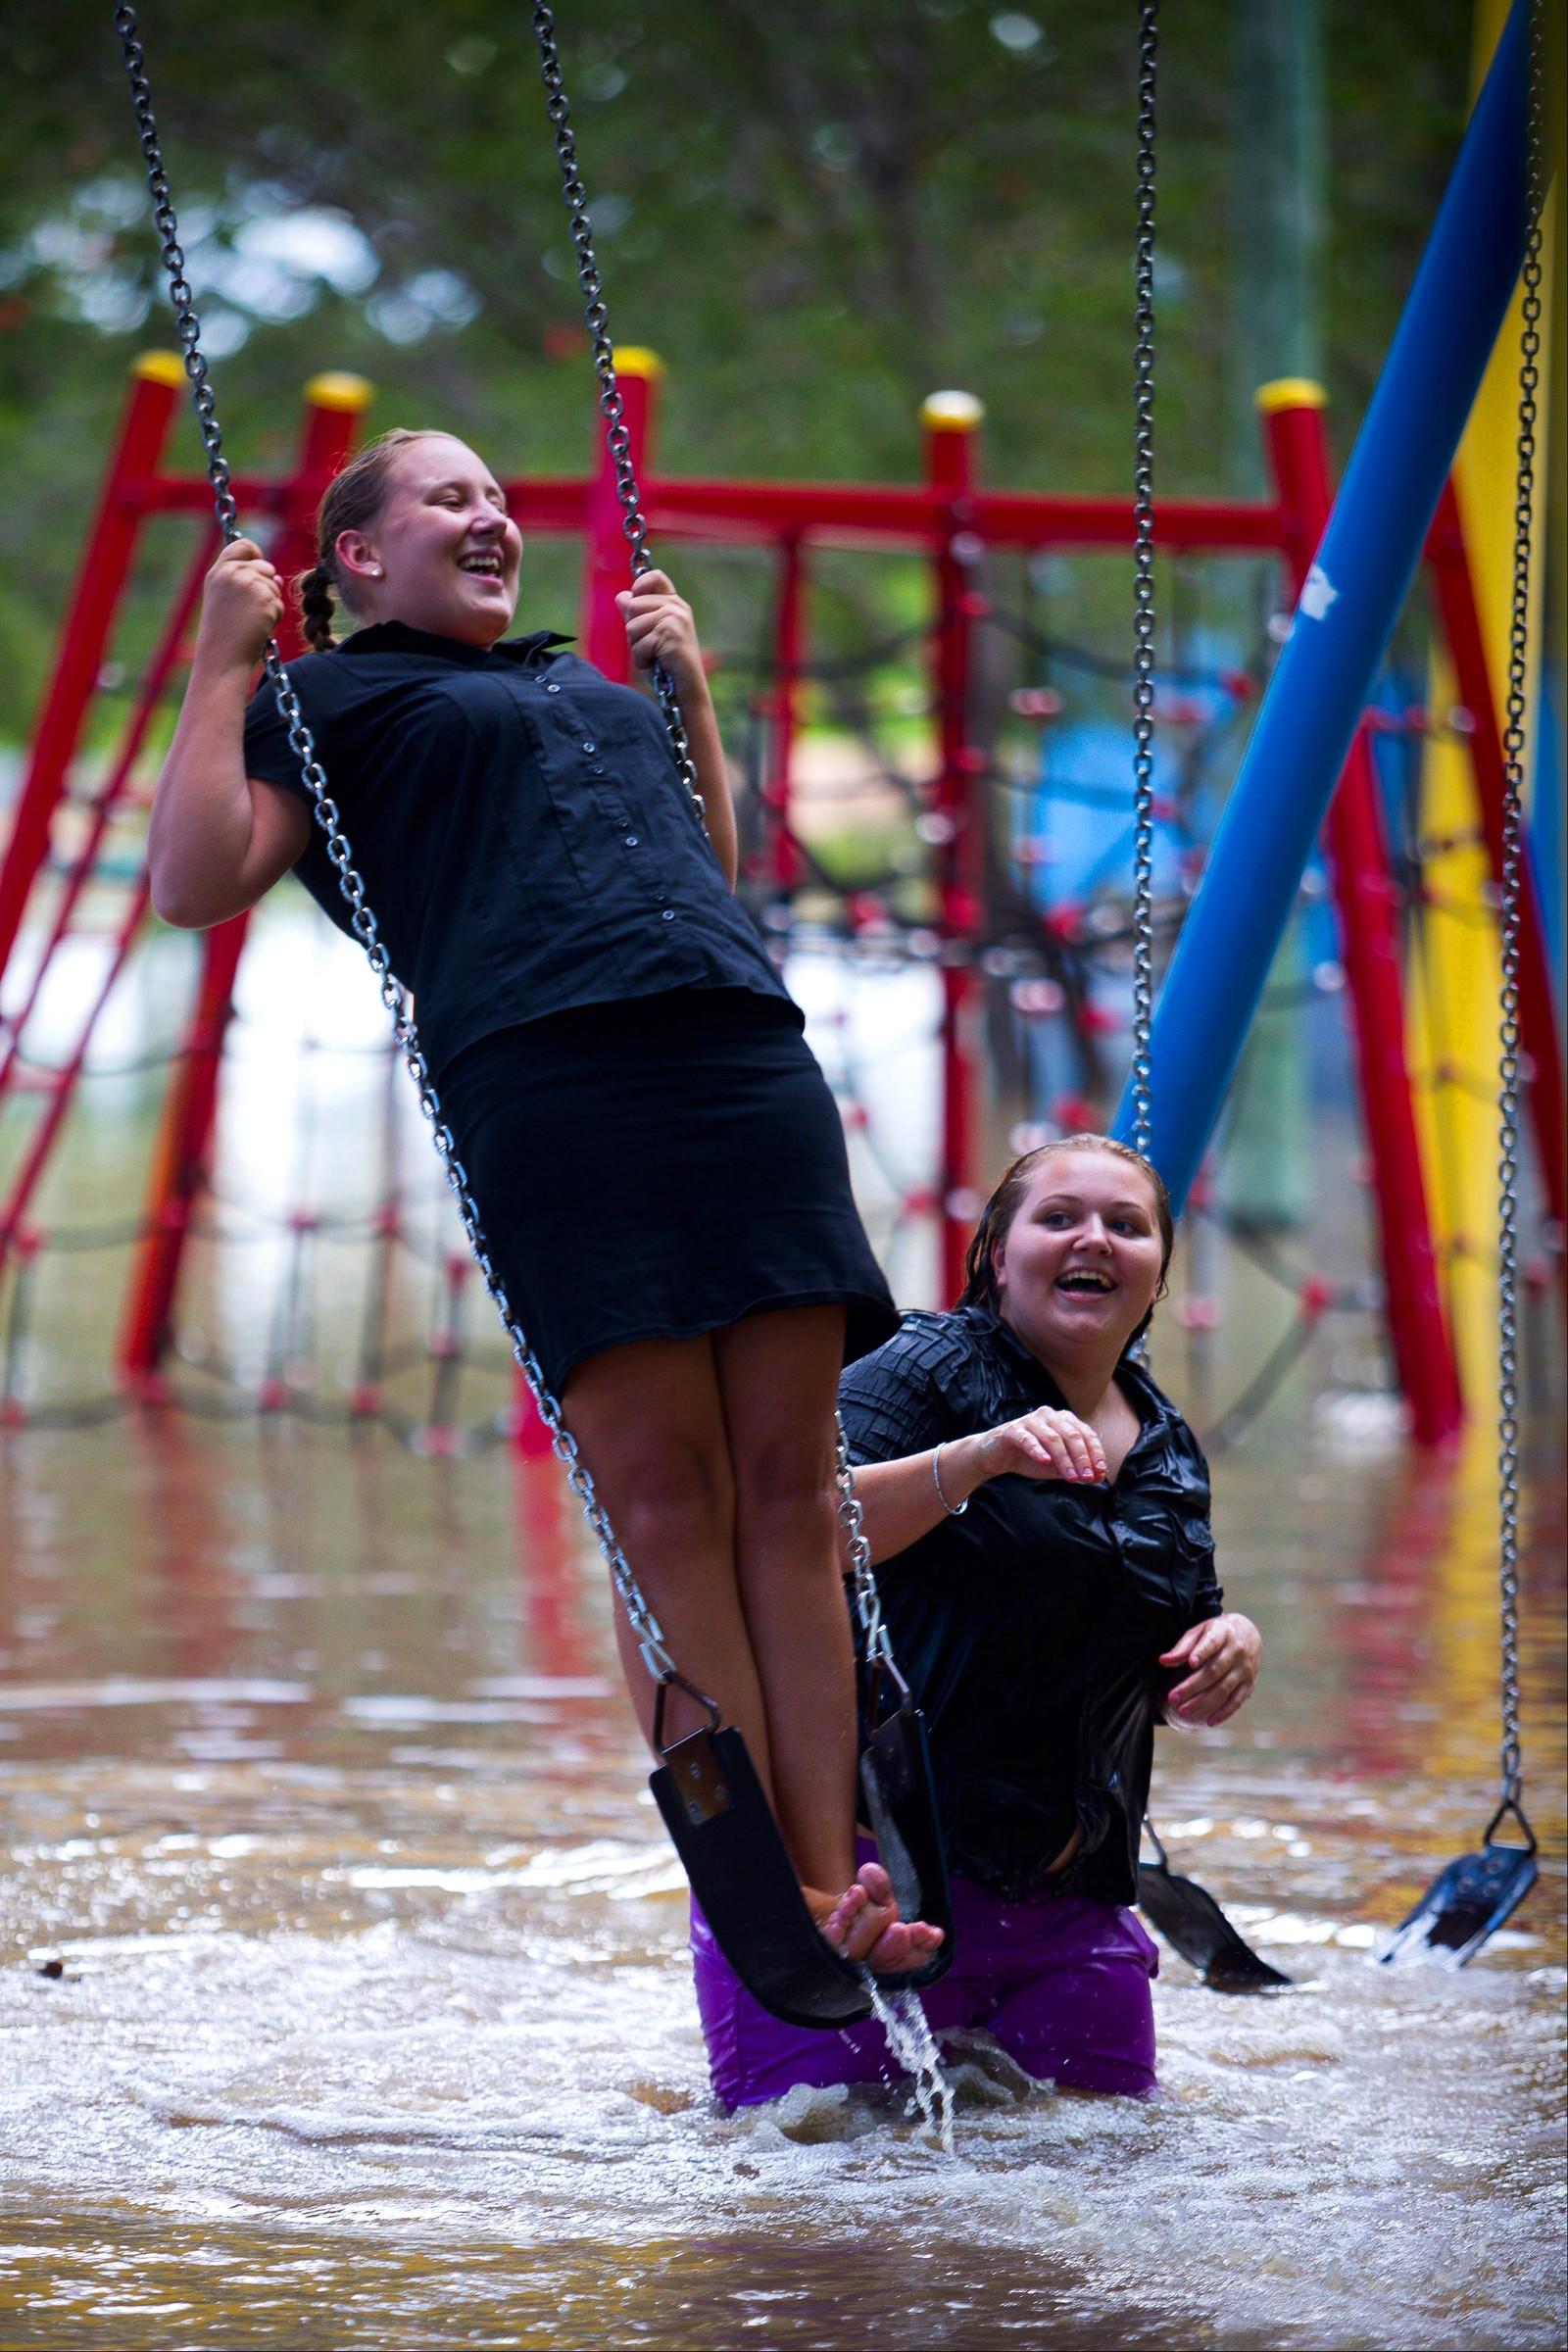 Crystal Warner og Sharnia Johns leker i flomvannet i Beenleigh i Australia.